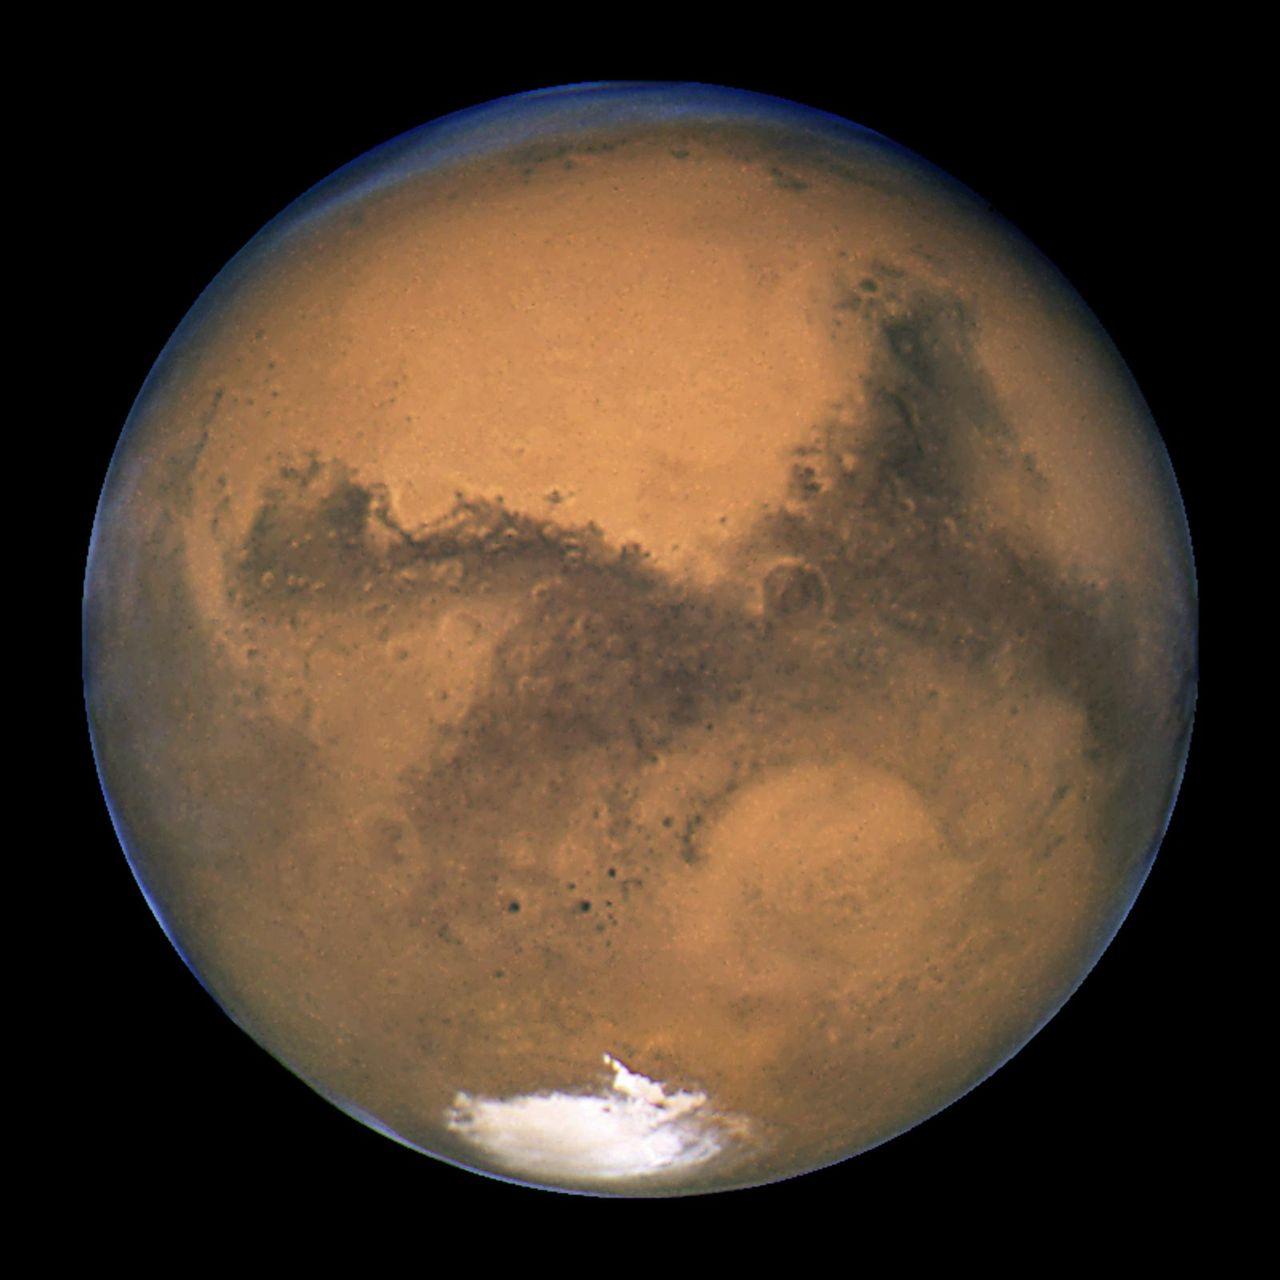 Förenade Arabemiraten vill hjälpa NASA att sätta människor på Mars